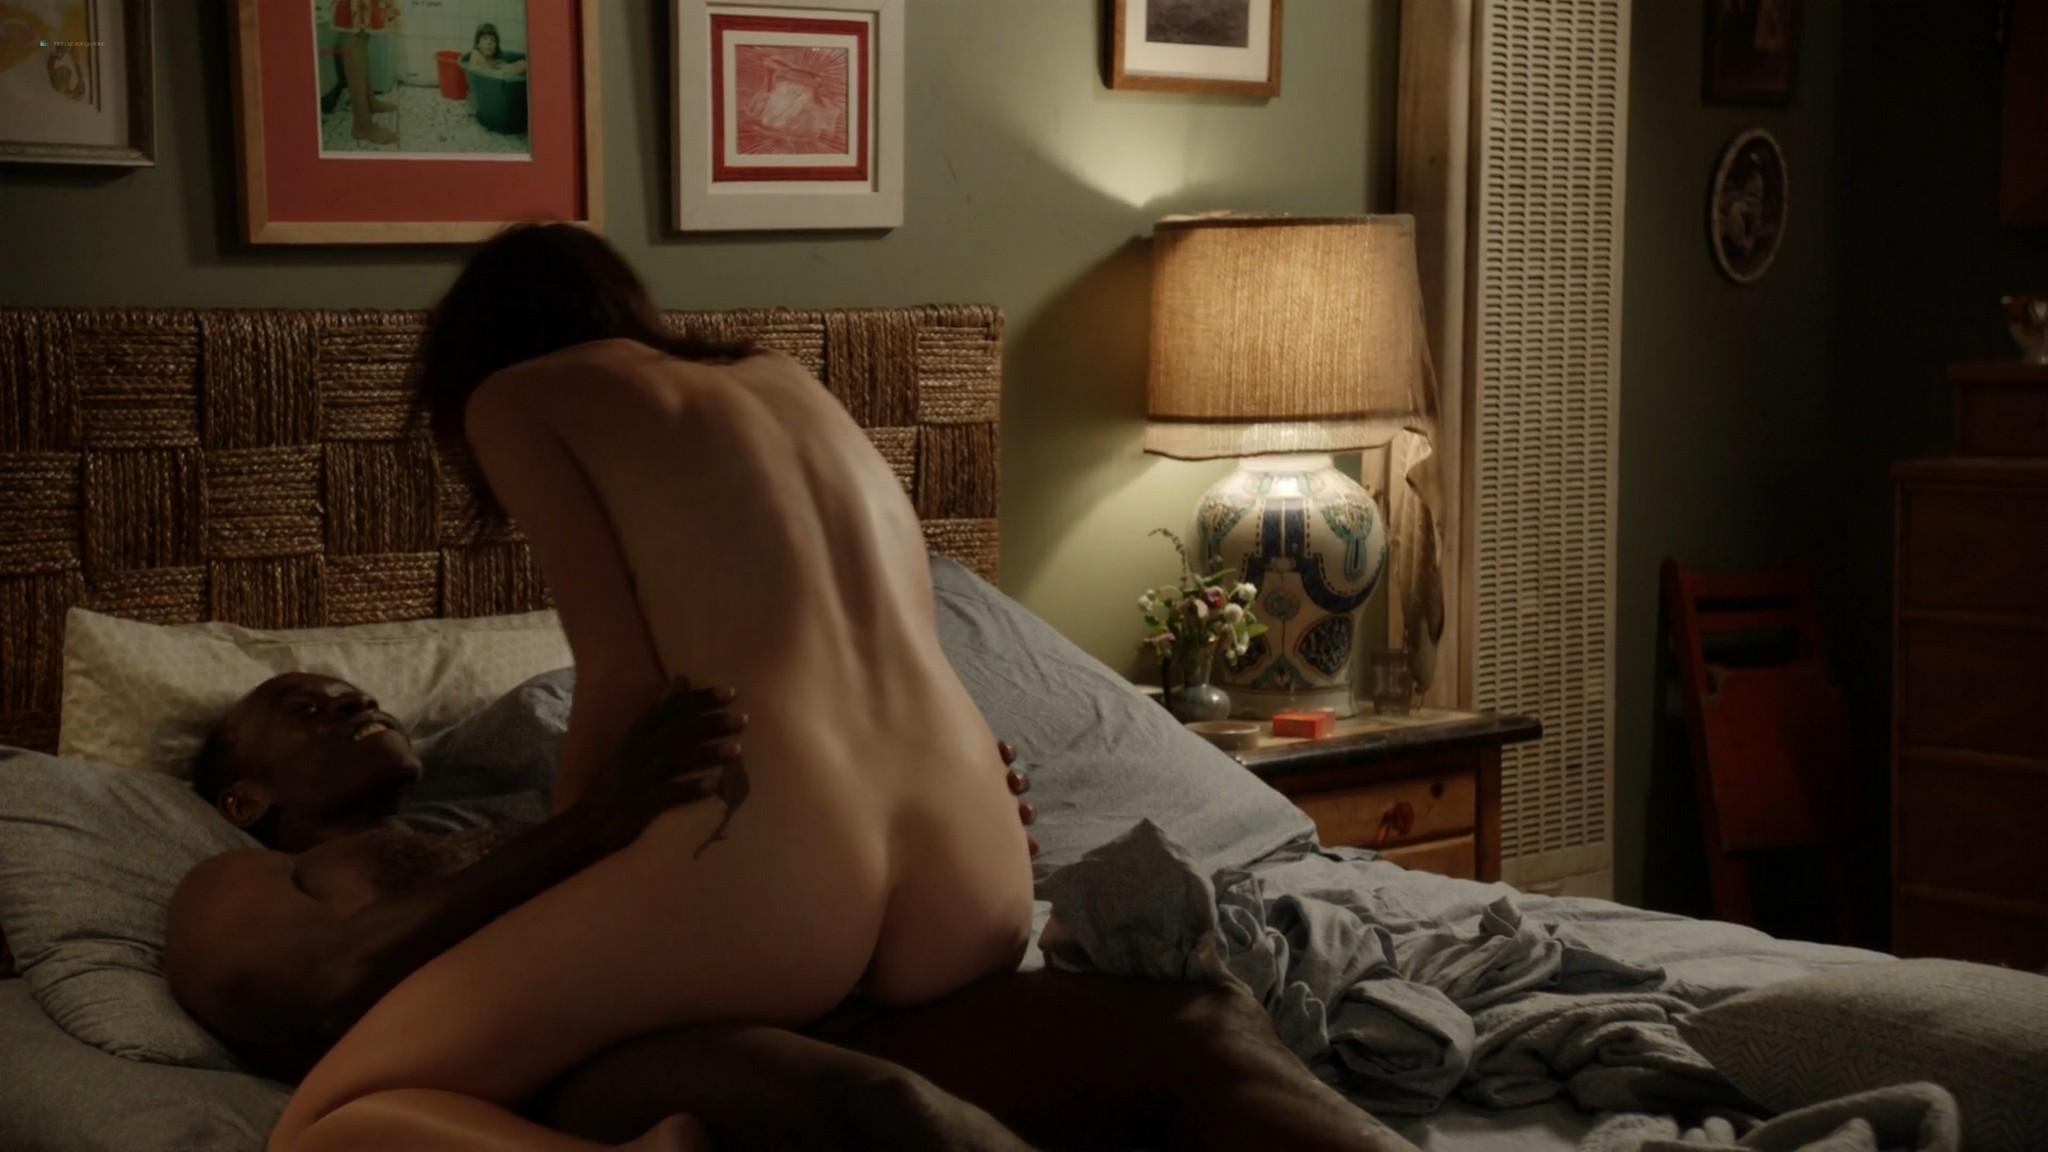 Anna Wood nude sex Kristen Bell hot House of Lies 2012 s1e8 12 1080p Web 11